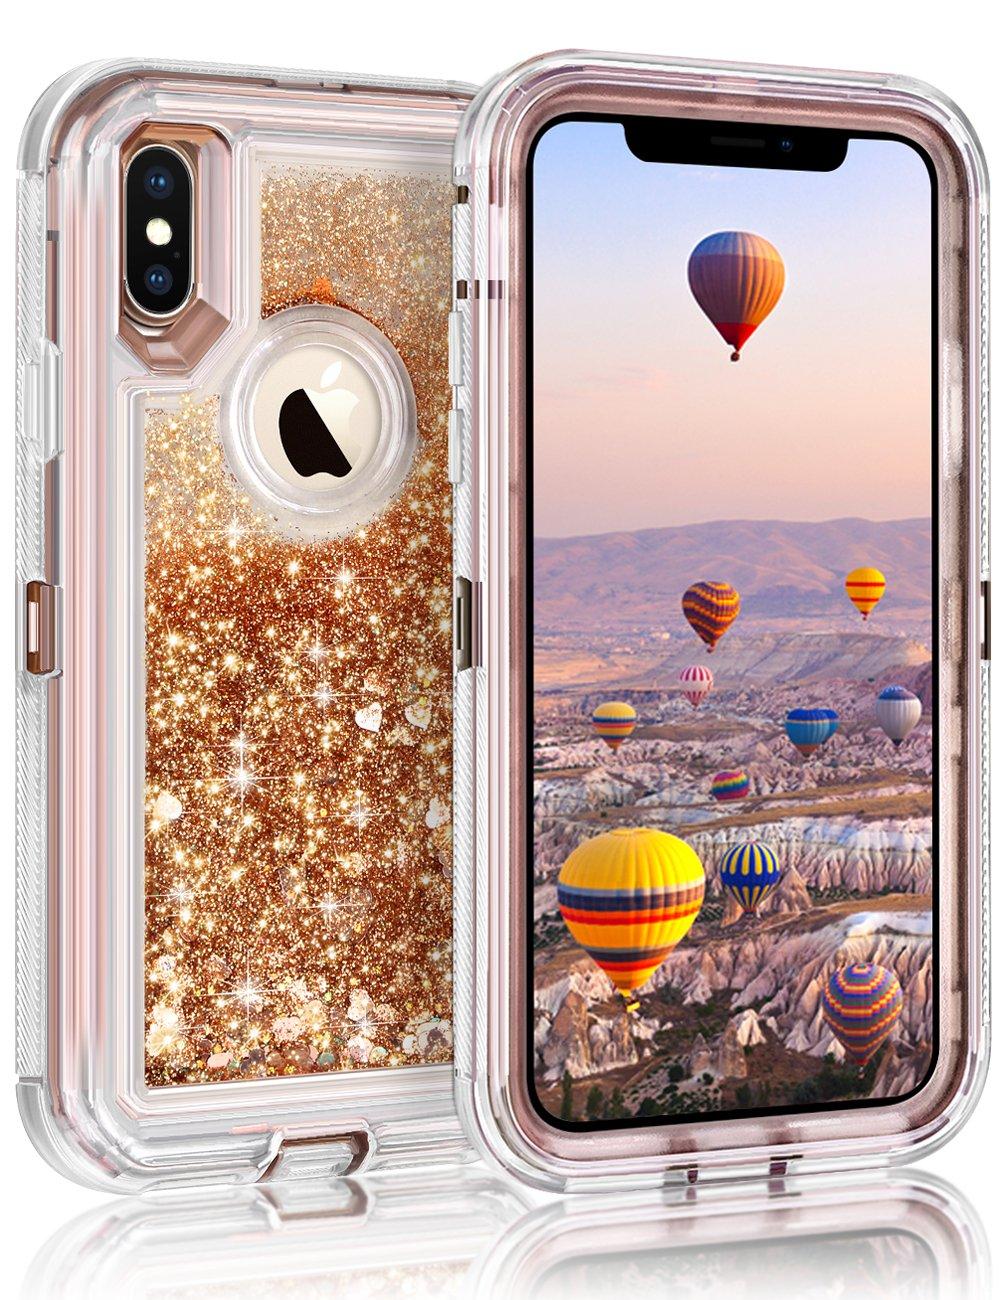 Coolden Ultra ré sistante aux Chocs Coque pour iPhone XS Coque Paillettes Flottant Bling Brillant é clat Quicksand Liquide Clair Bumper Coque de Protection pour iPhone XS XS-Liu Sa Case-Rose Gold